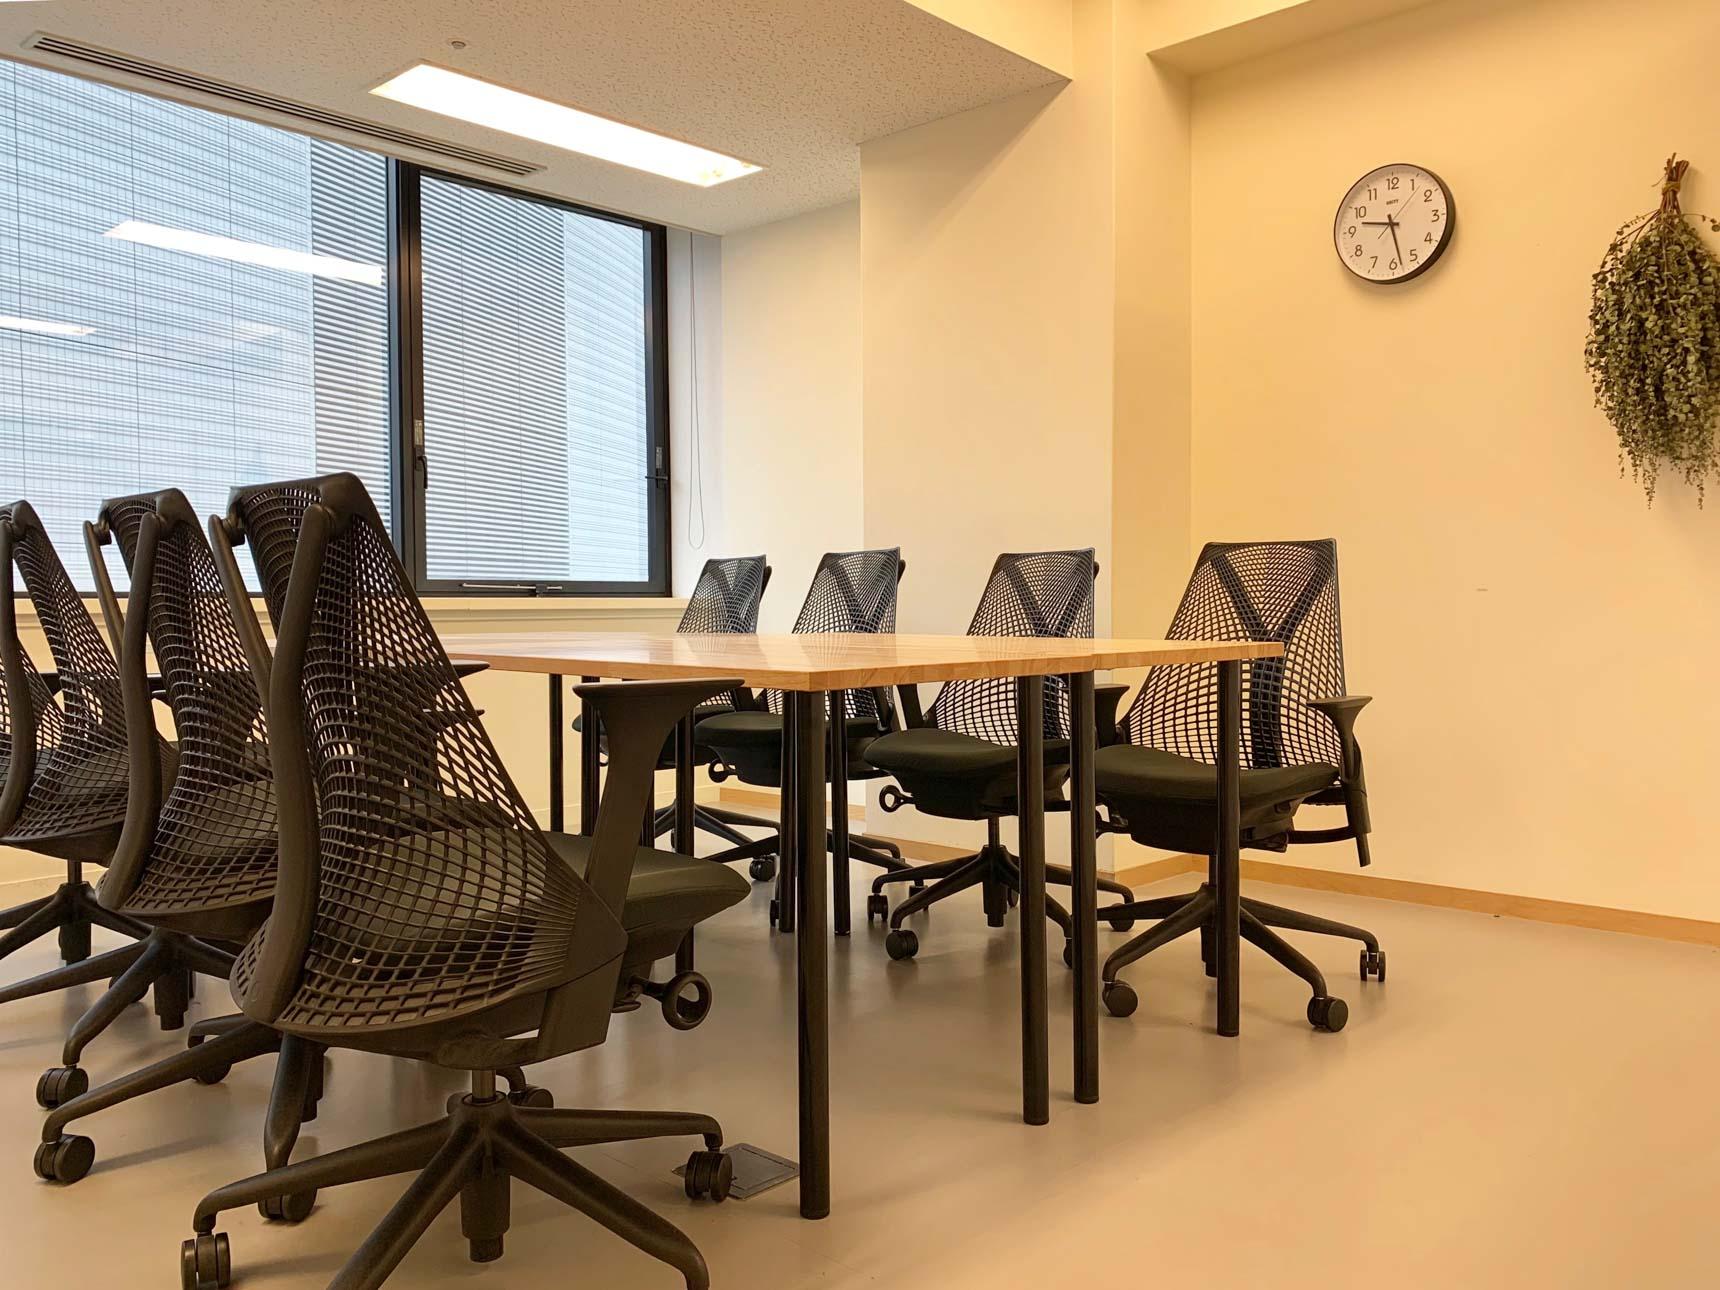 少し広めの8名用も。しっかりと仕切られた空間なので落ち着いて会議ができます。